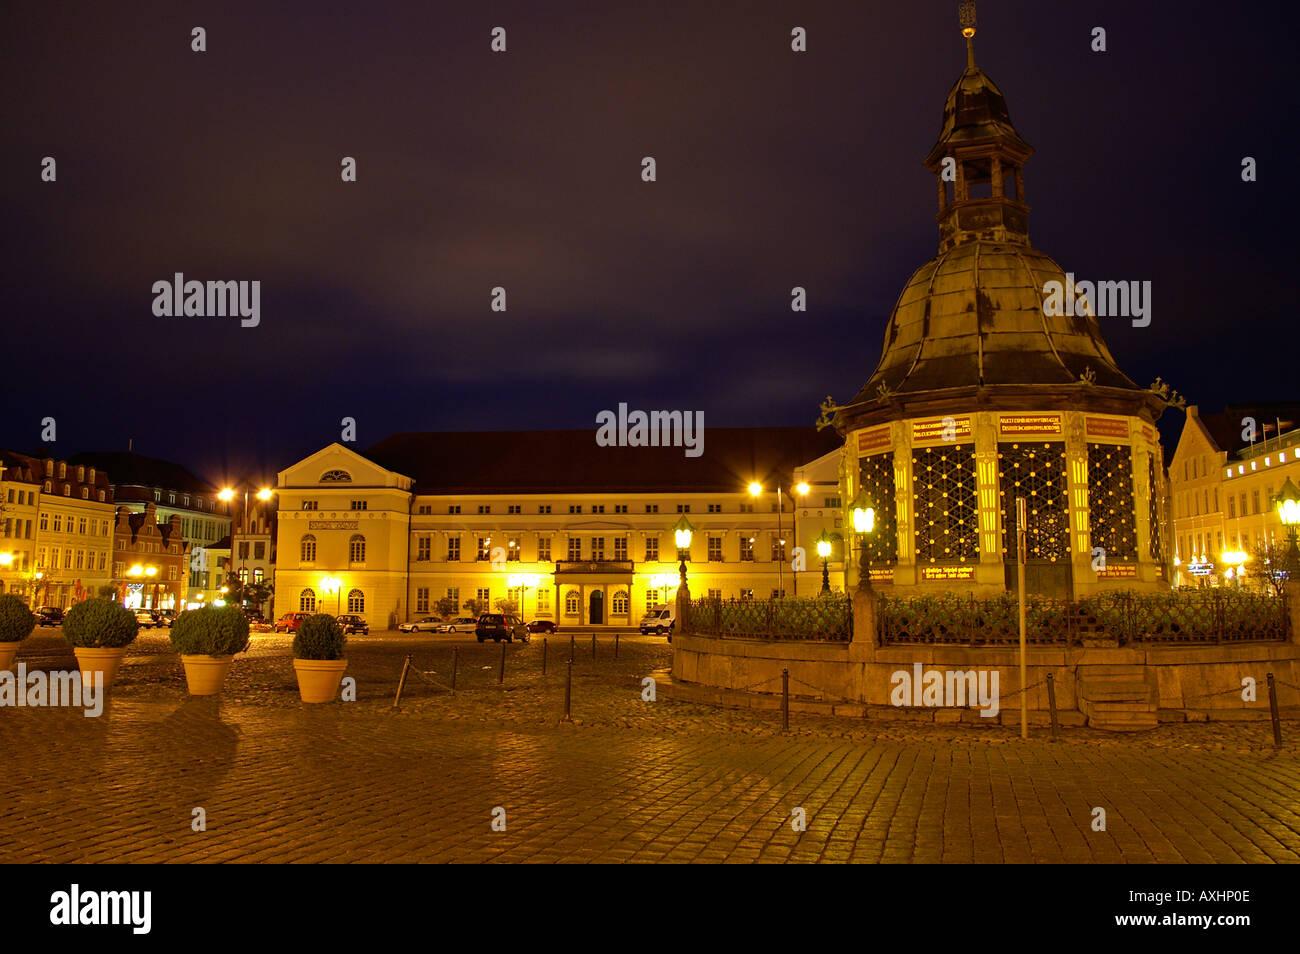 Wismar Marktplatz Abend - Stock Image